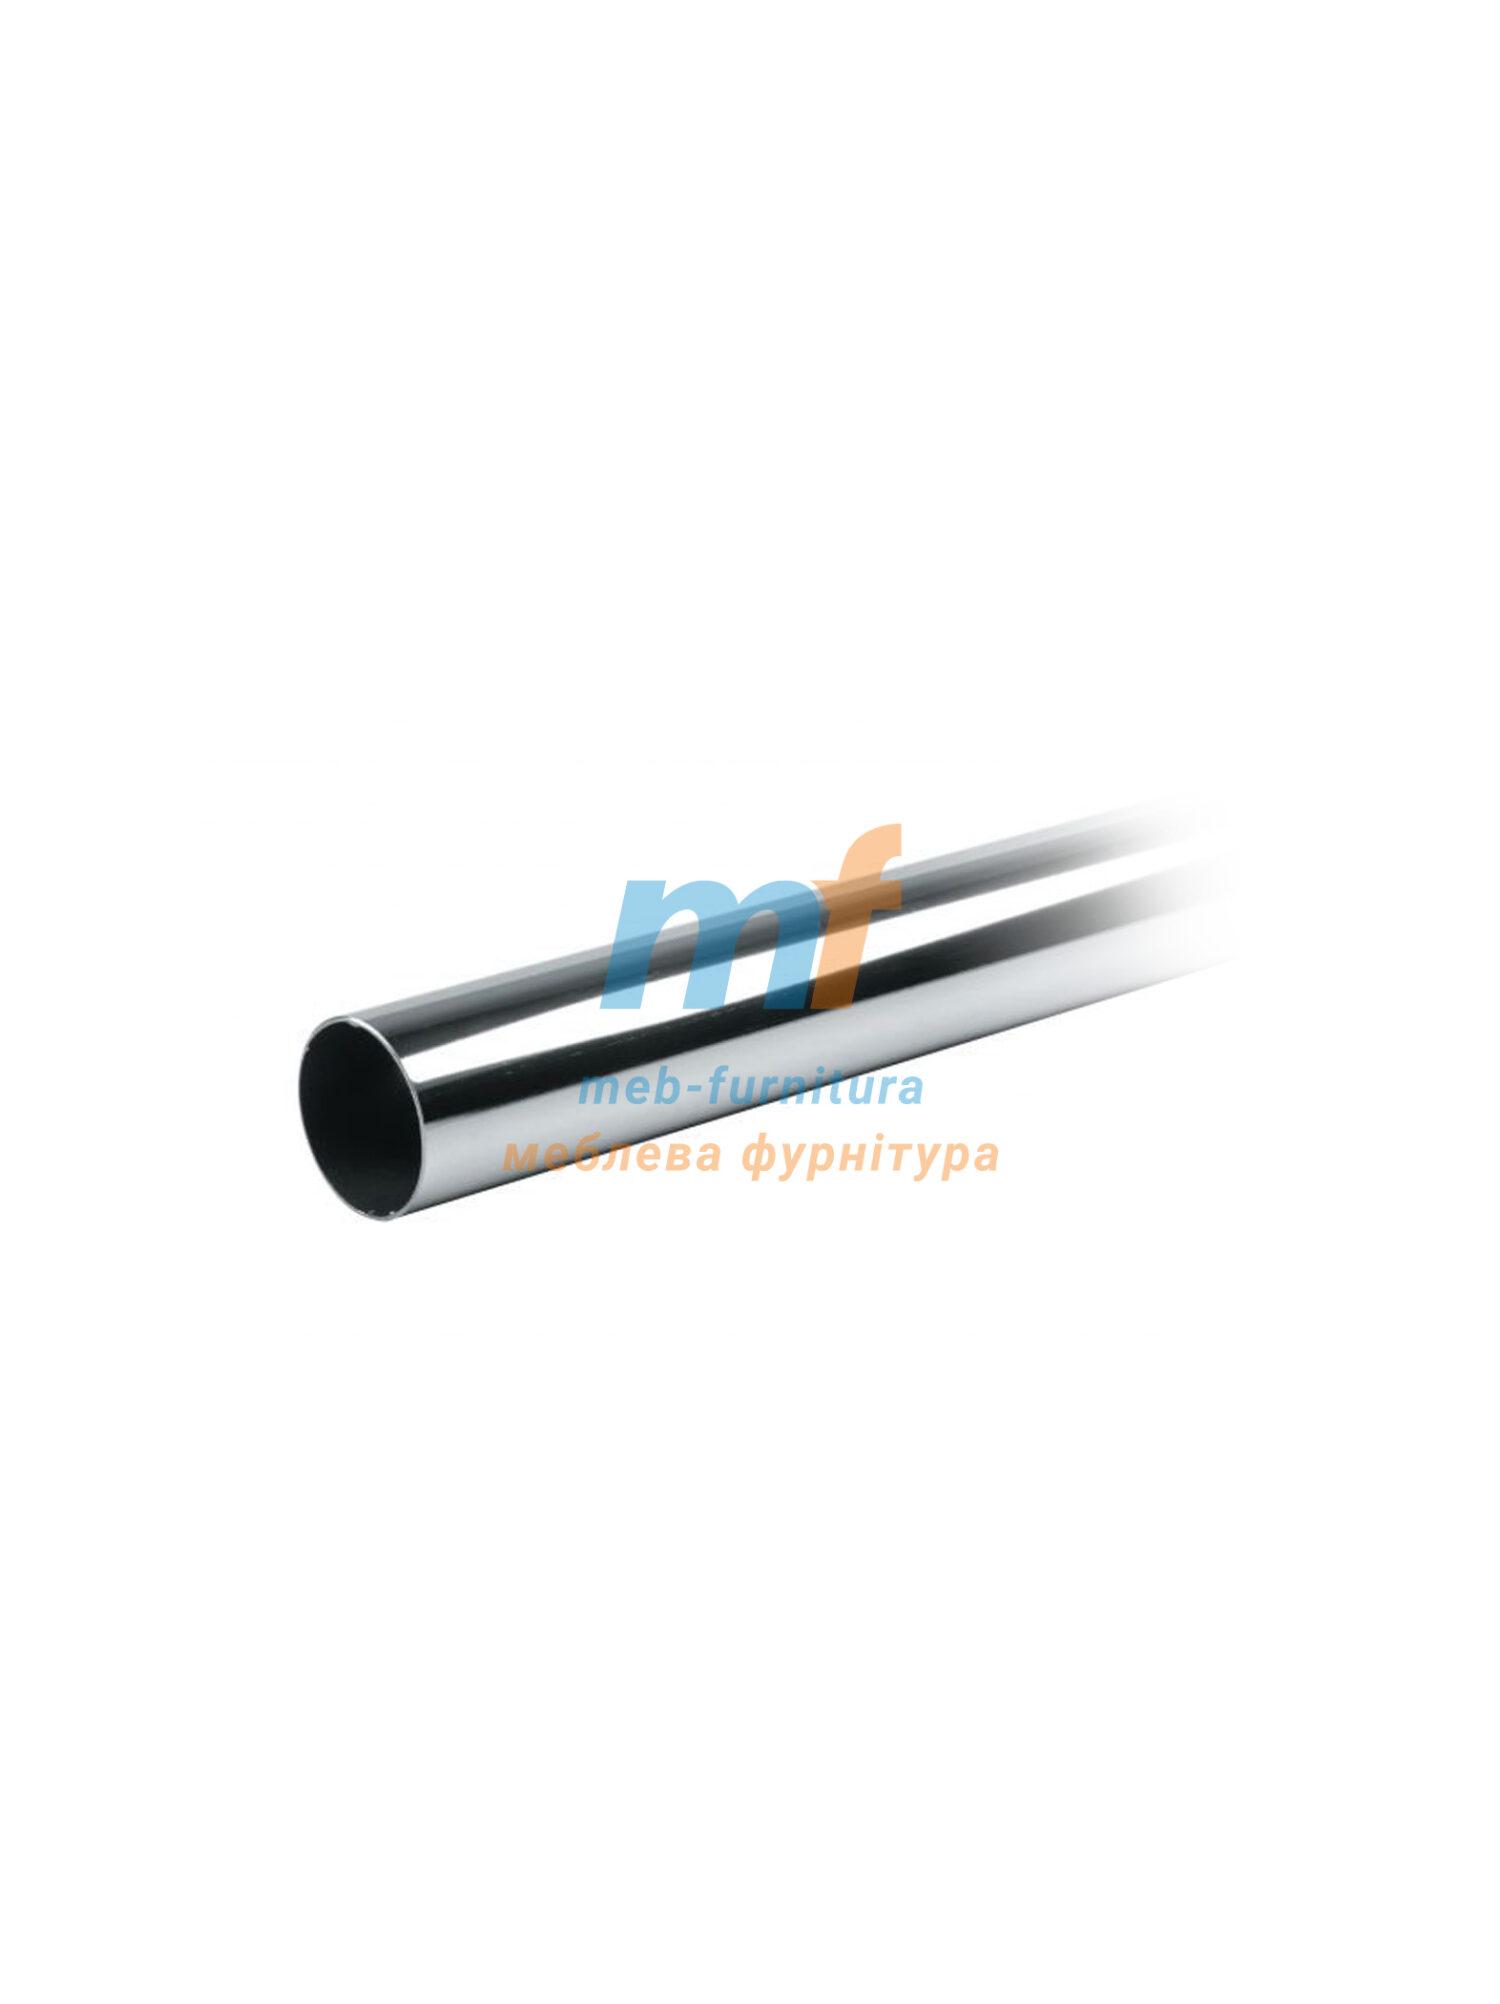 Труба l-3м толщина стенки 1,0мм нержавейка польша диаметр 25мм